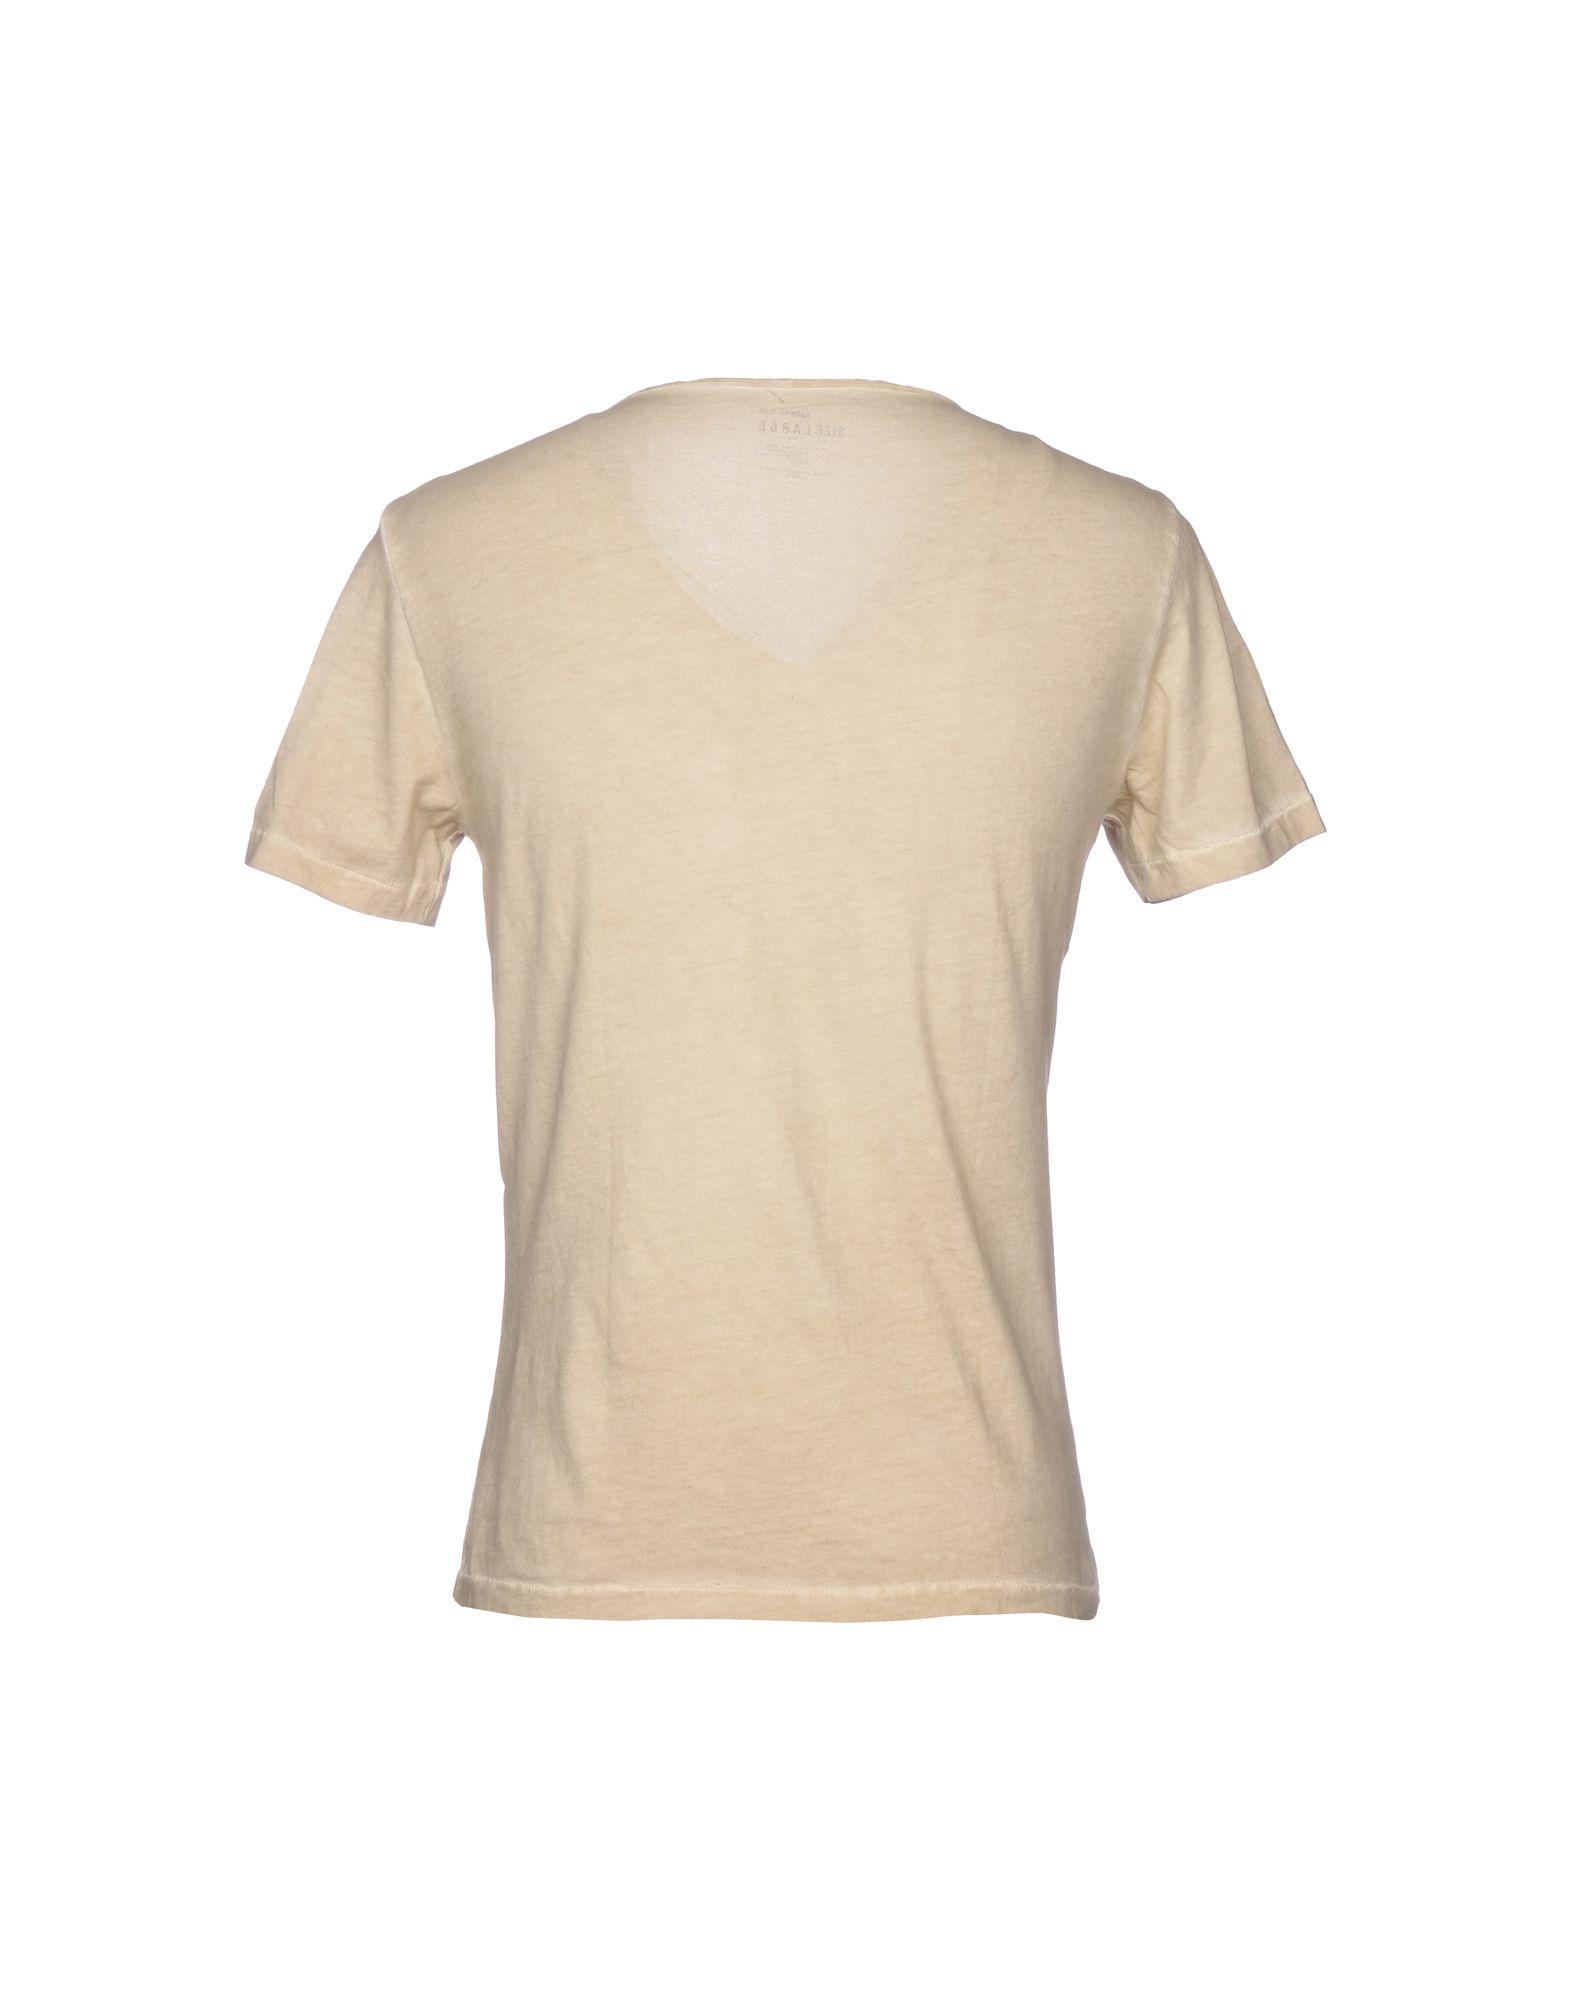 A buon mercato buon A buon mercato mercato T-Shirt Gas Uomo - 12106898IO 900d19